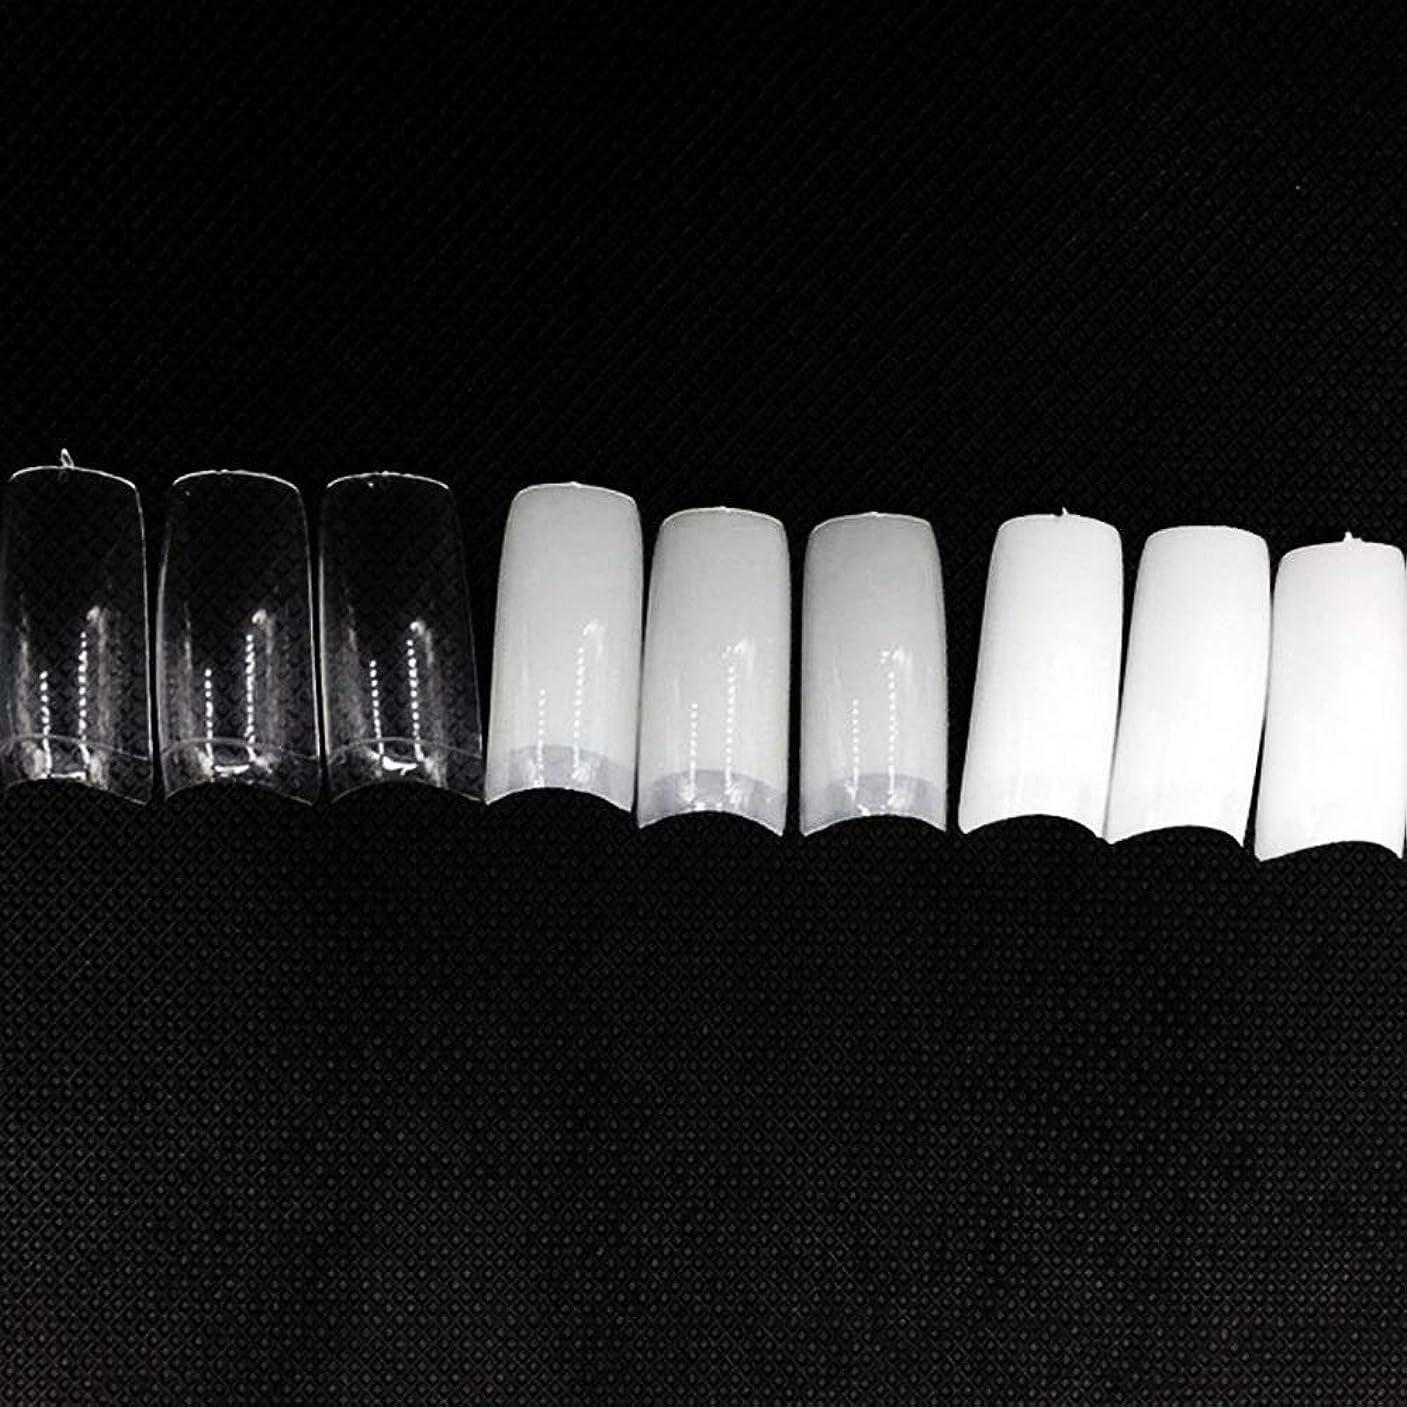 お酒便宜キャベツネイルチップ つけ爪 偽爪 無地 ロング オーバル 10サイズ デコレーション フルチップ シンプル DIY デザイン 500個/セット Moomai